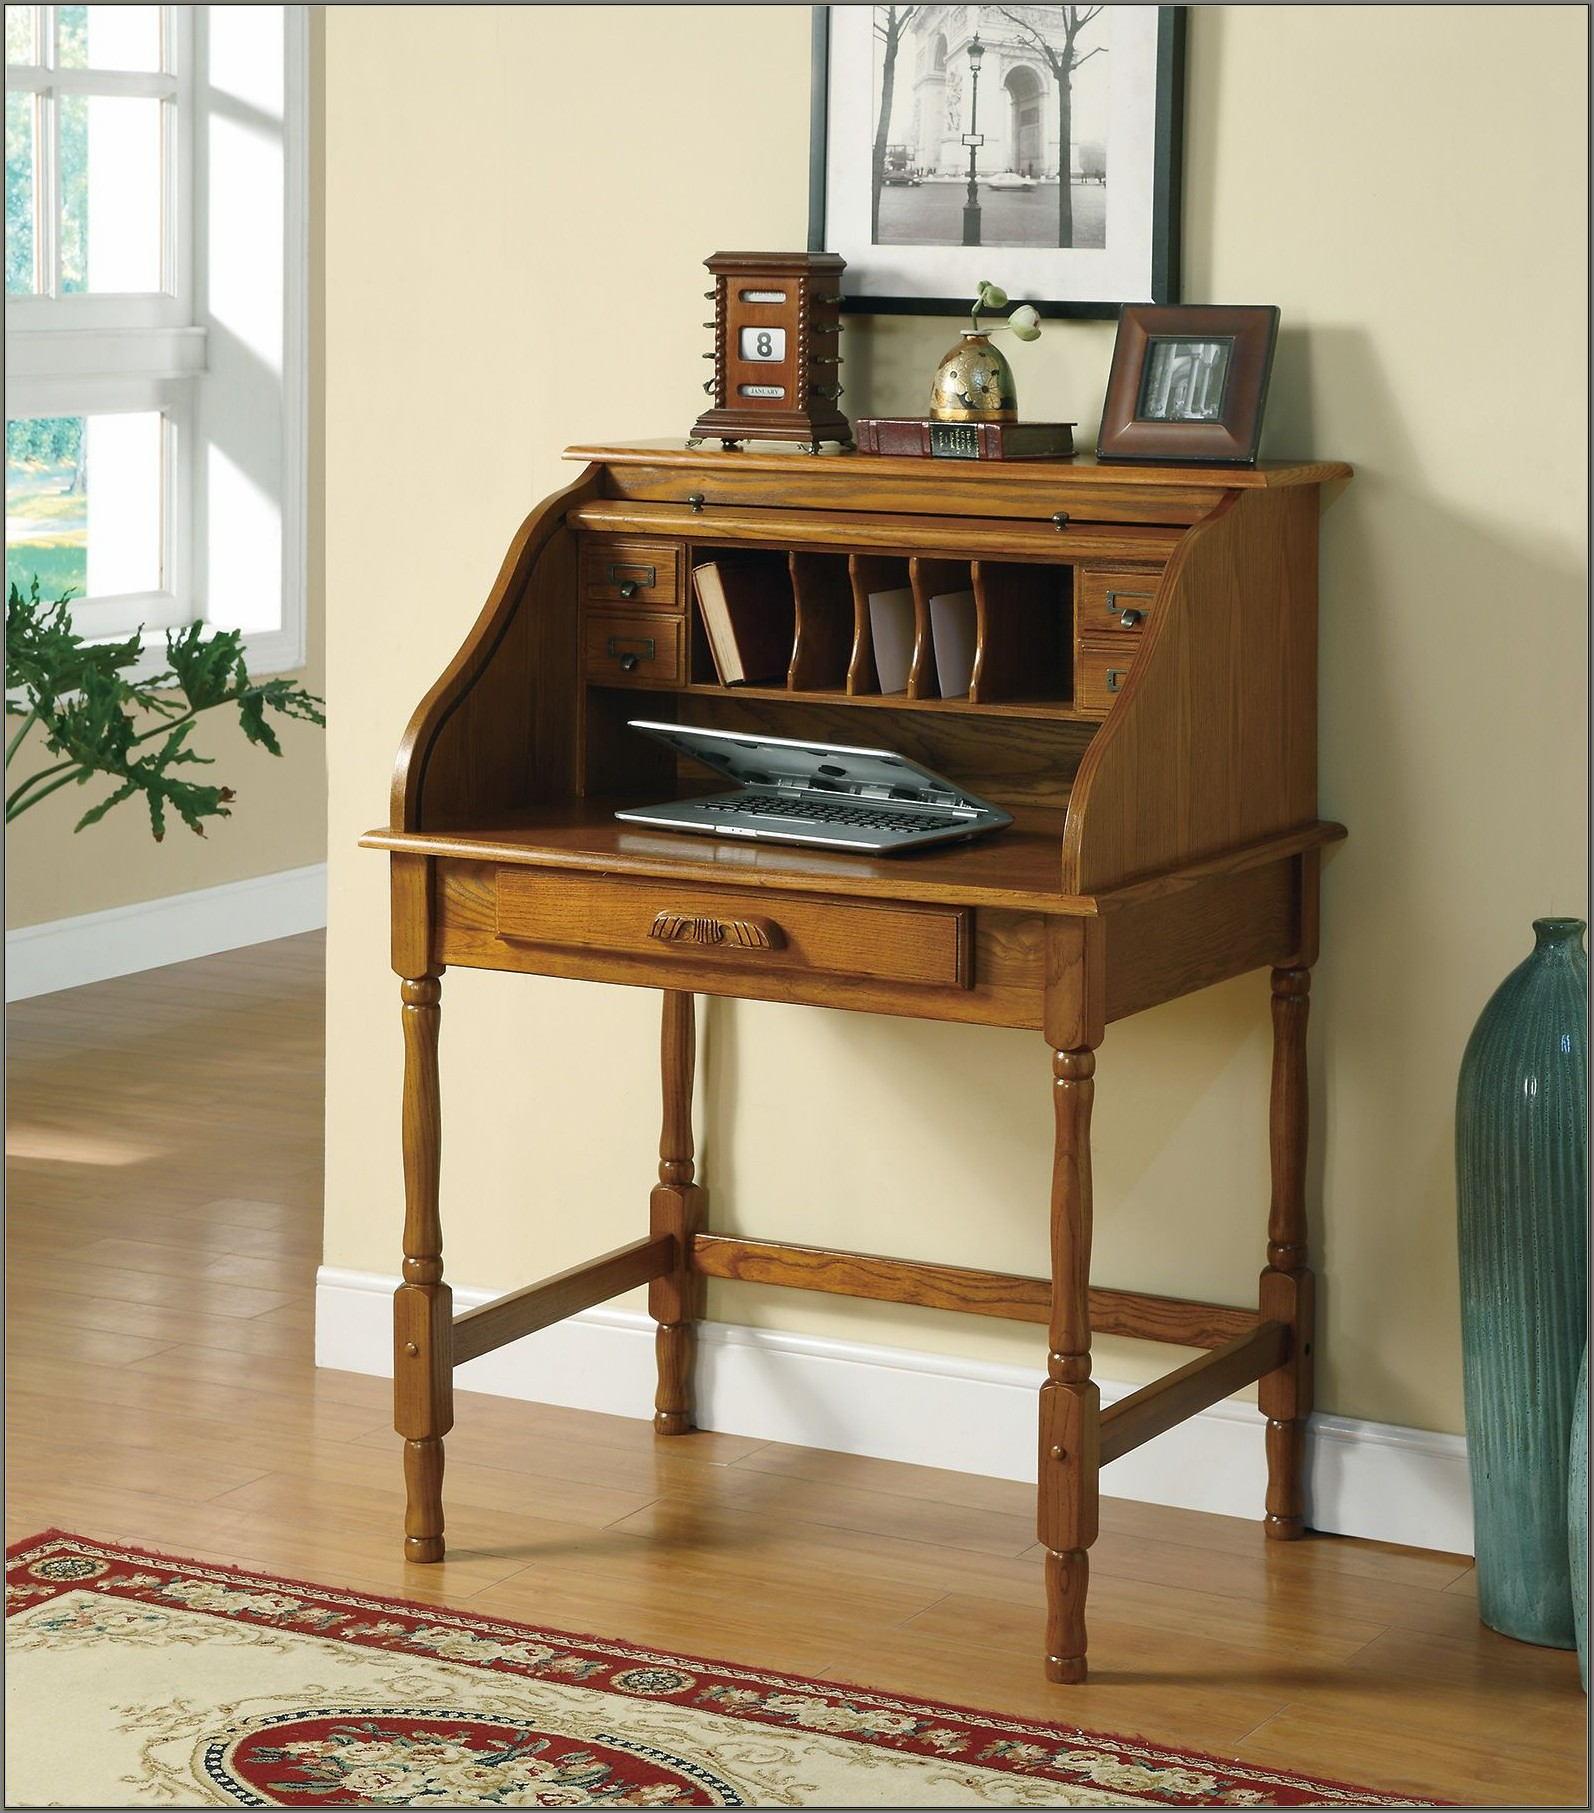 Small Roll Top Secretary Desk